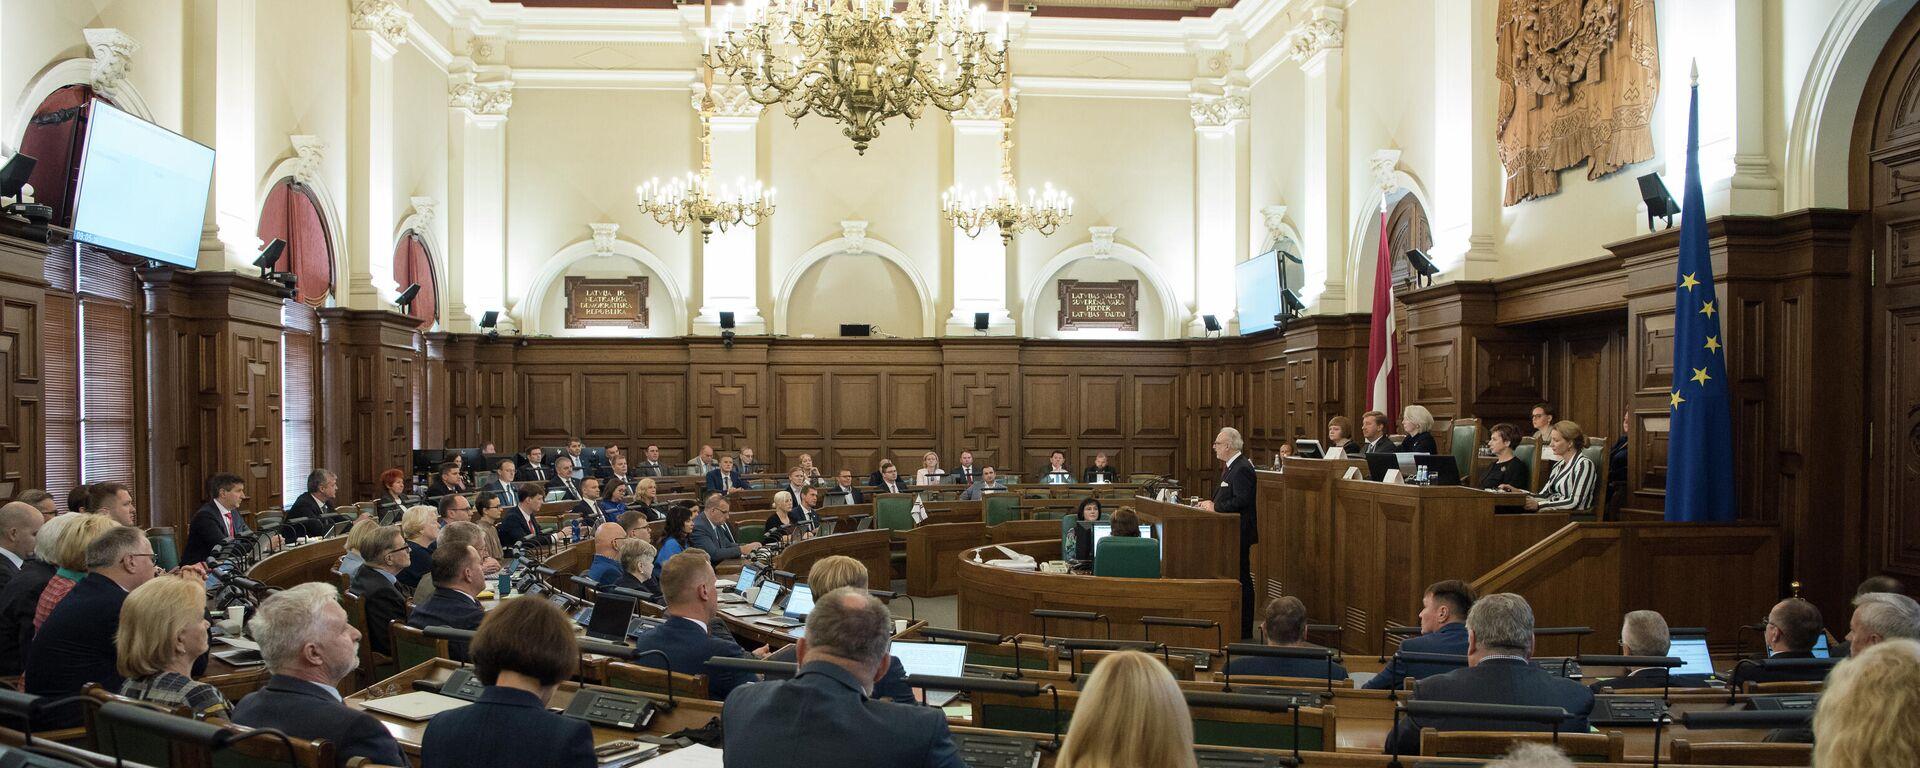 Первое очное заседание Сейма, 2 сентября 2021 года - Sputnik Латвия, 1920, 03.09.2021